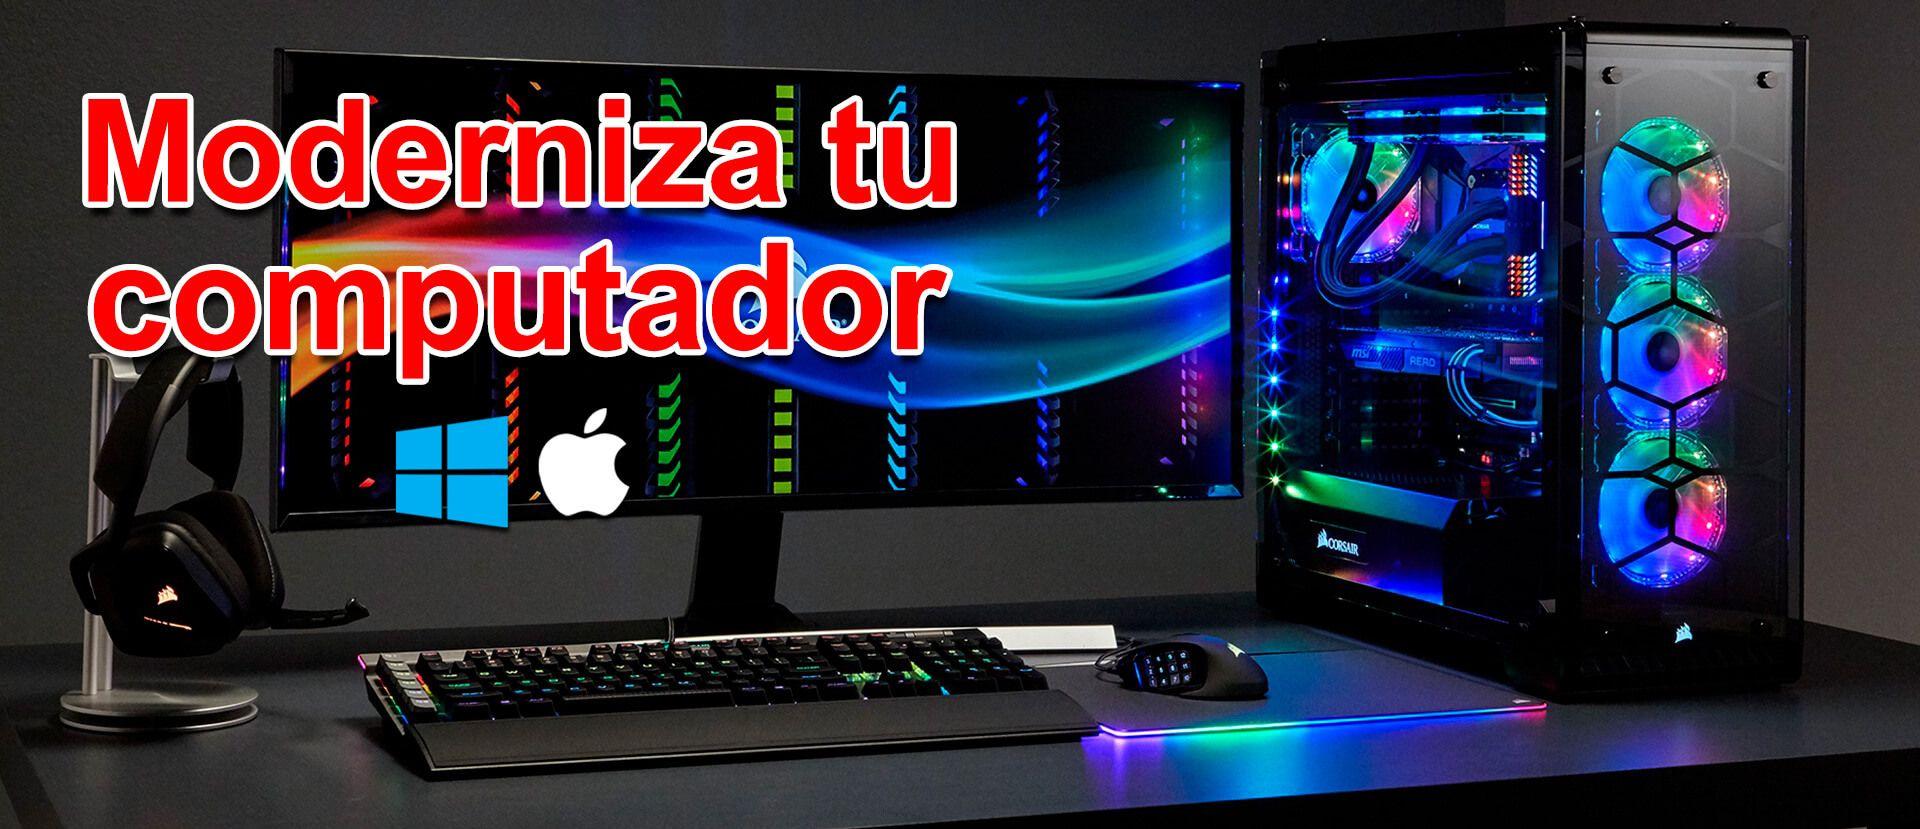 http://Moderniza%20tu%20computador